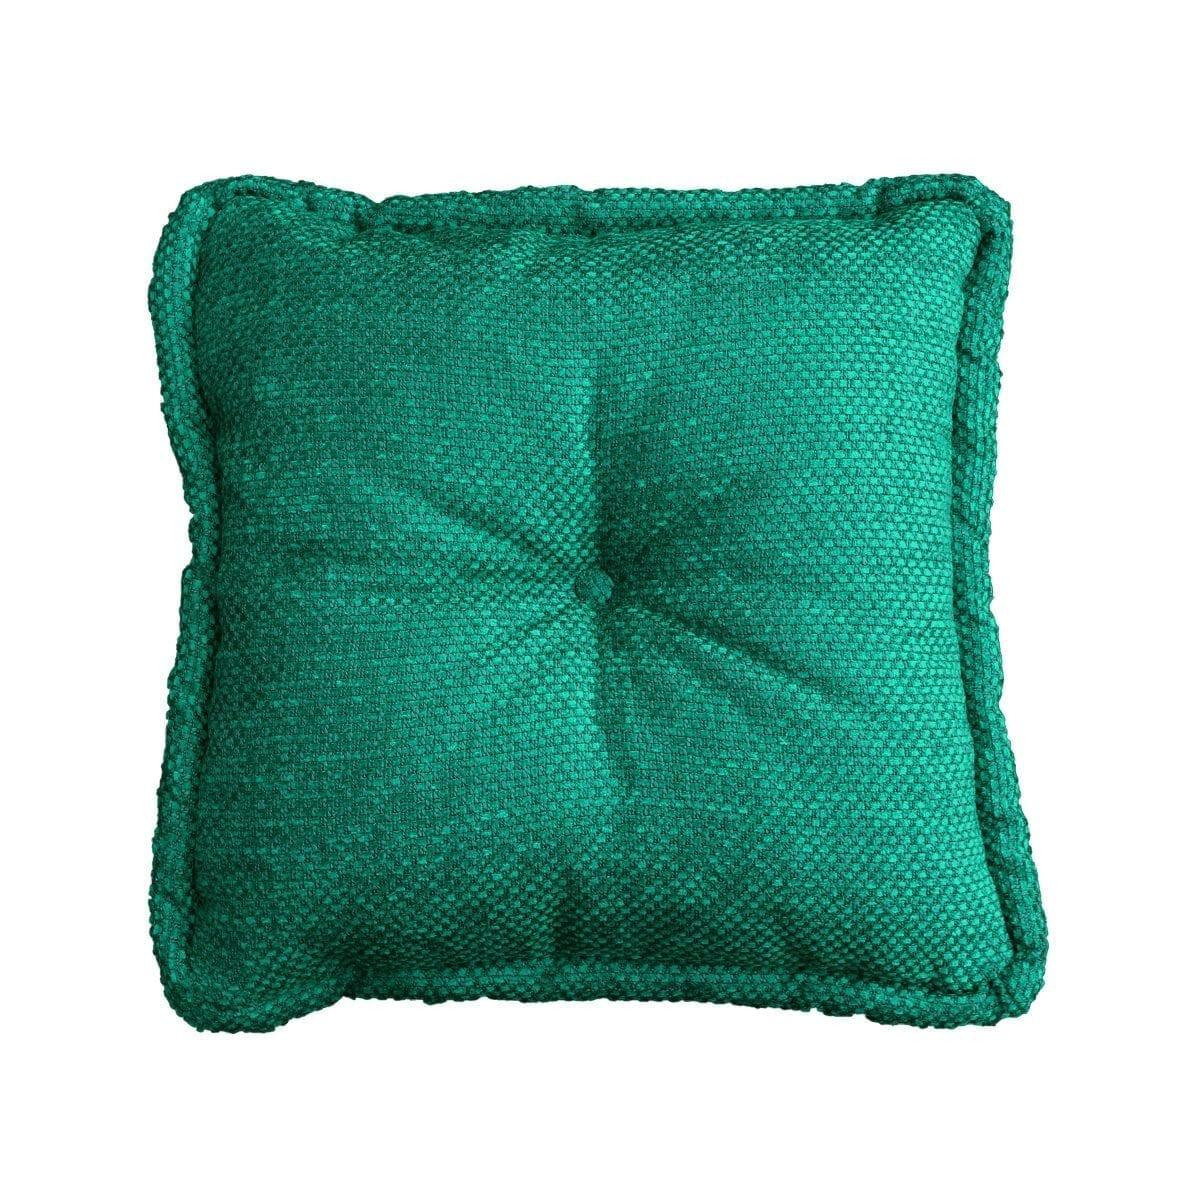 Een groot vierkant kussen met groene easy clean stof, Birkett viridian